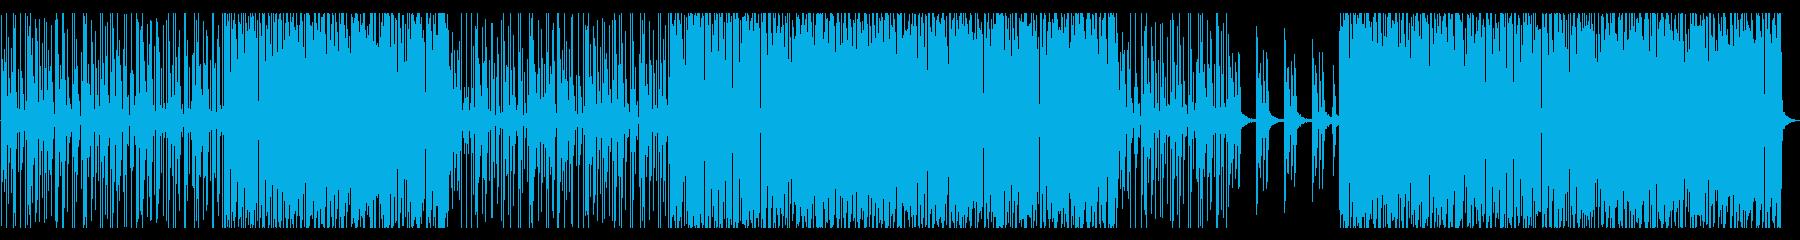 ポンポコとコミカルな雰囲気のBGMですの再生済みの波形